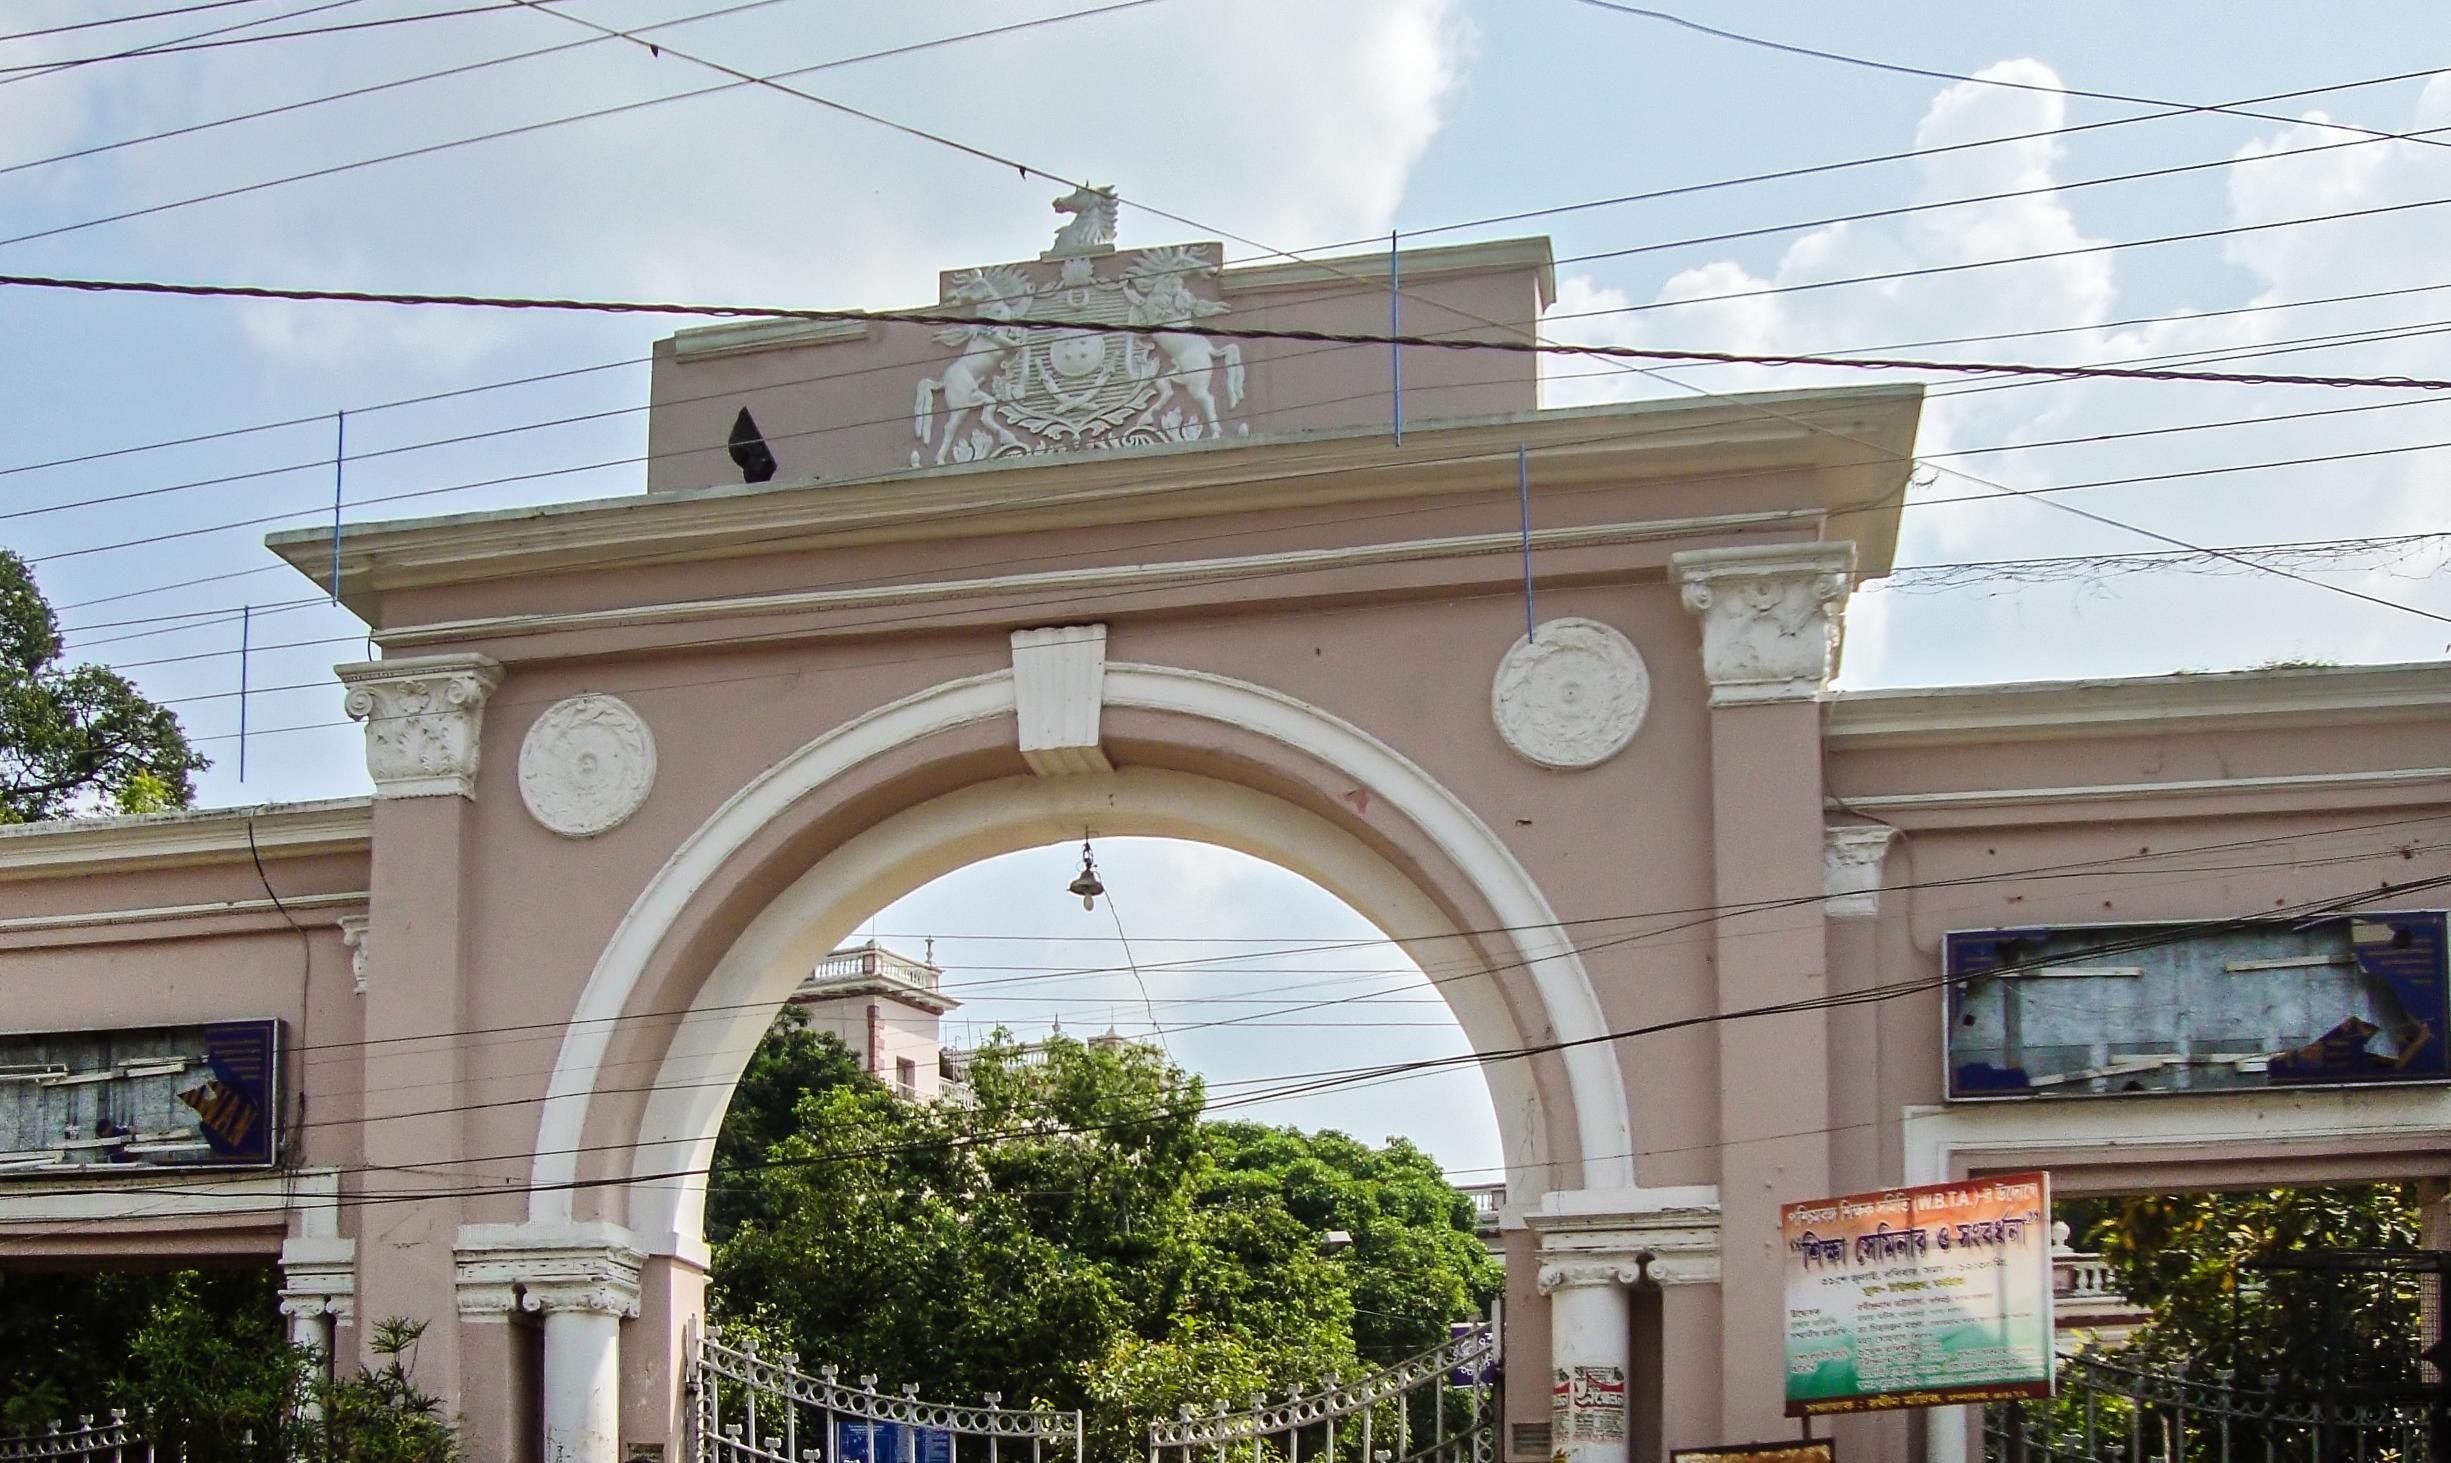 7%2f74%2fb.u. administrative complex gate